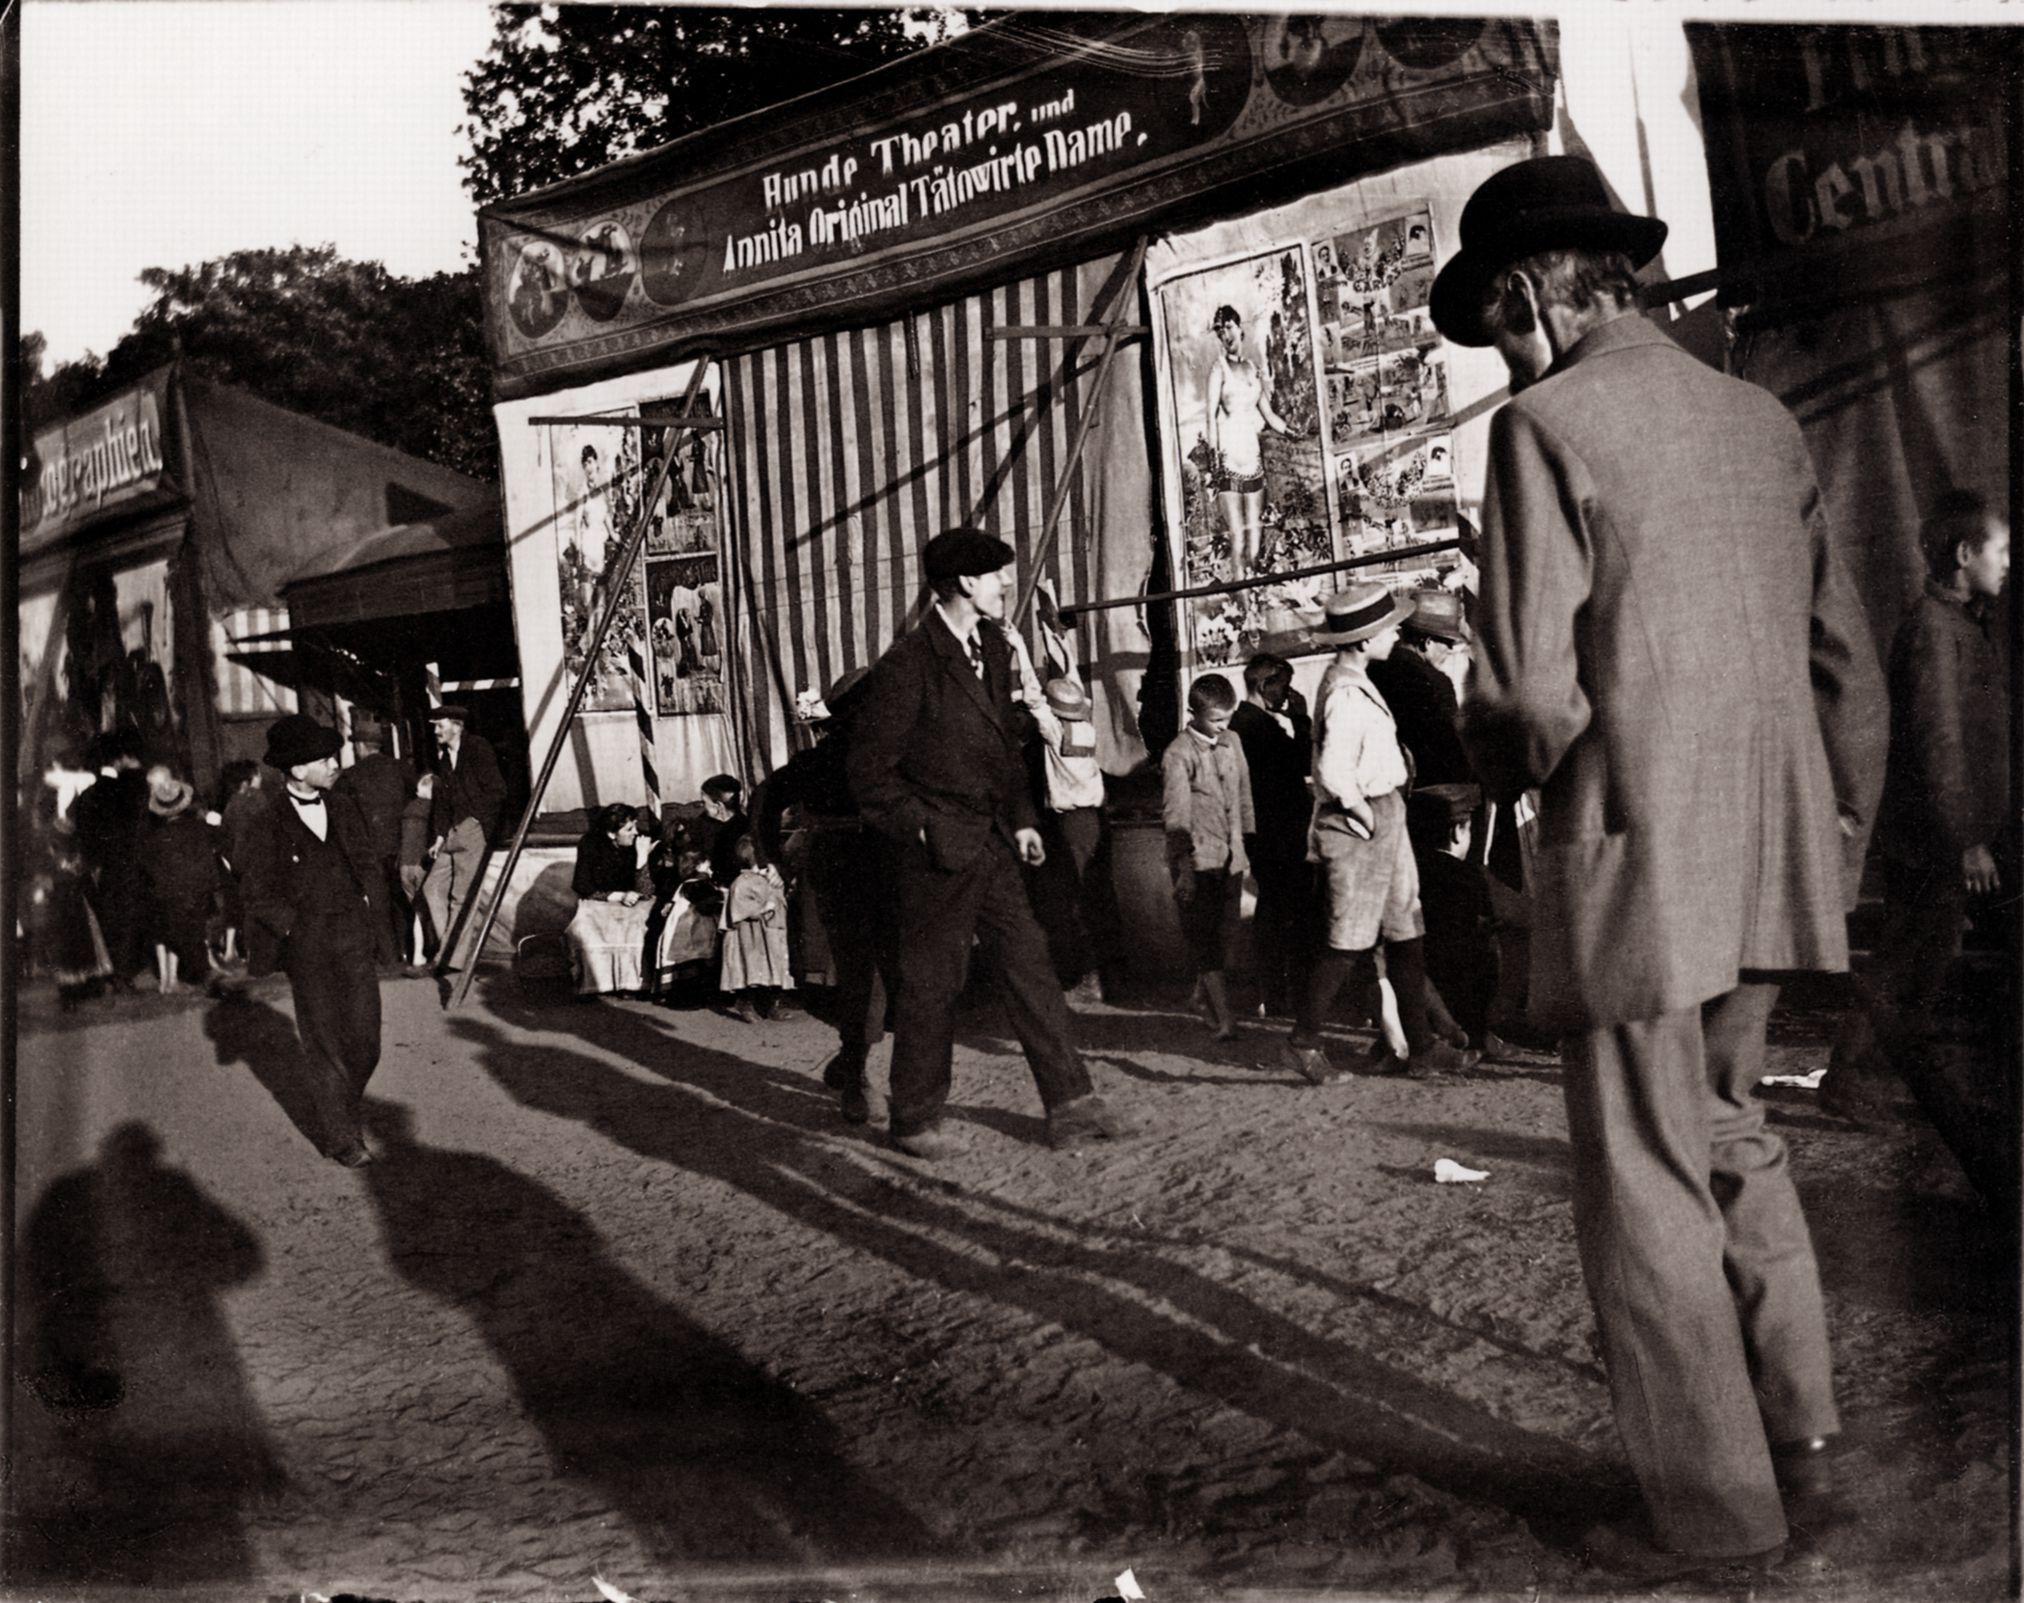 Rummel vor dem HundeTheater Heinrich Zille um 1900